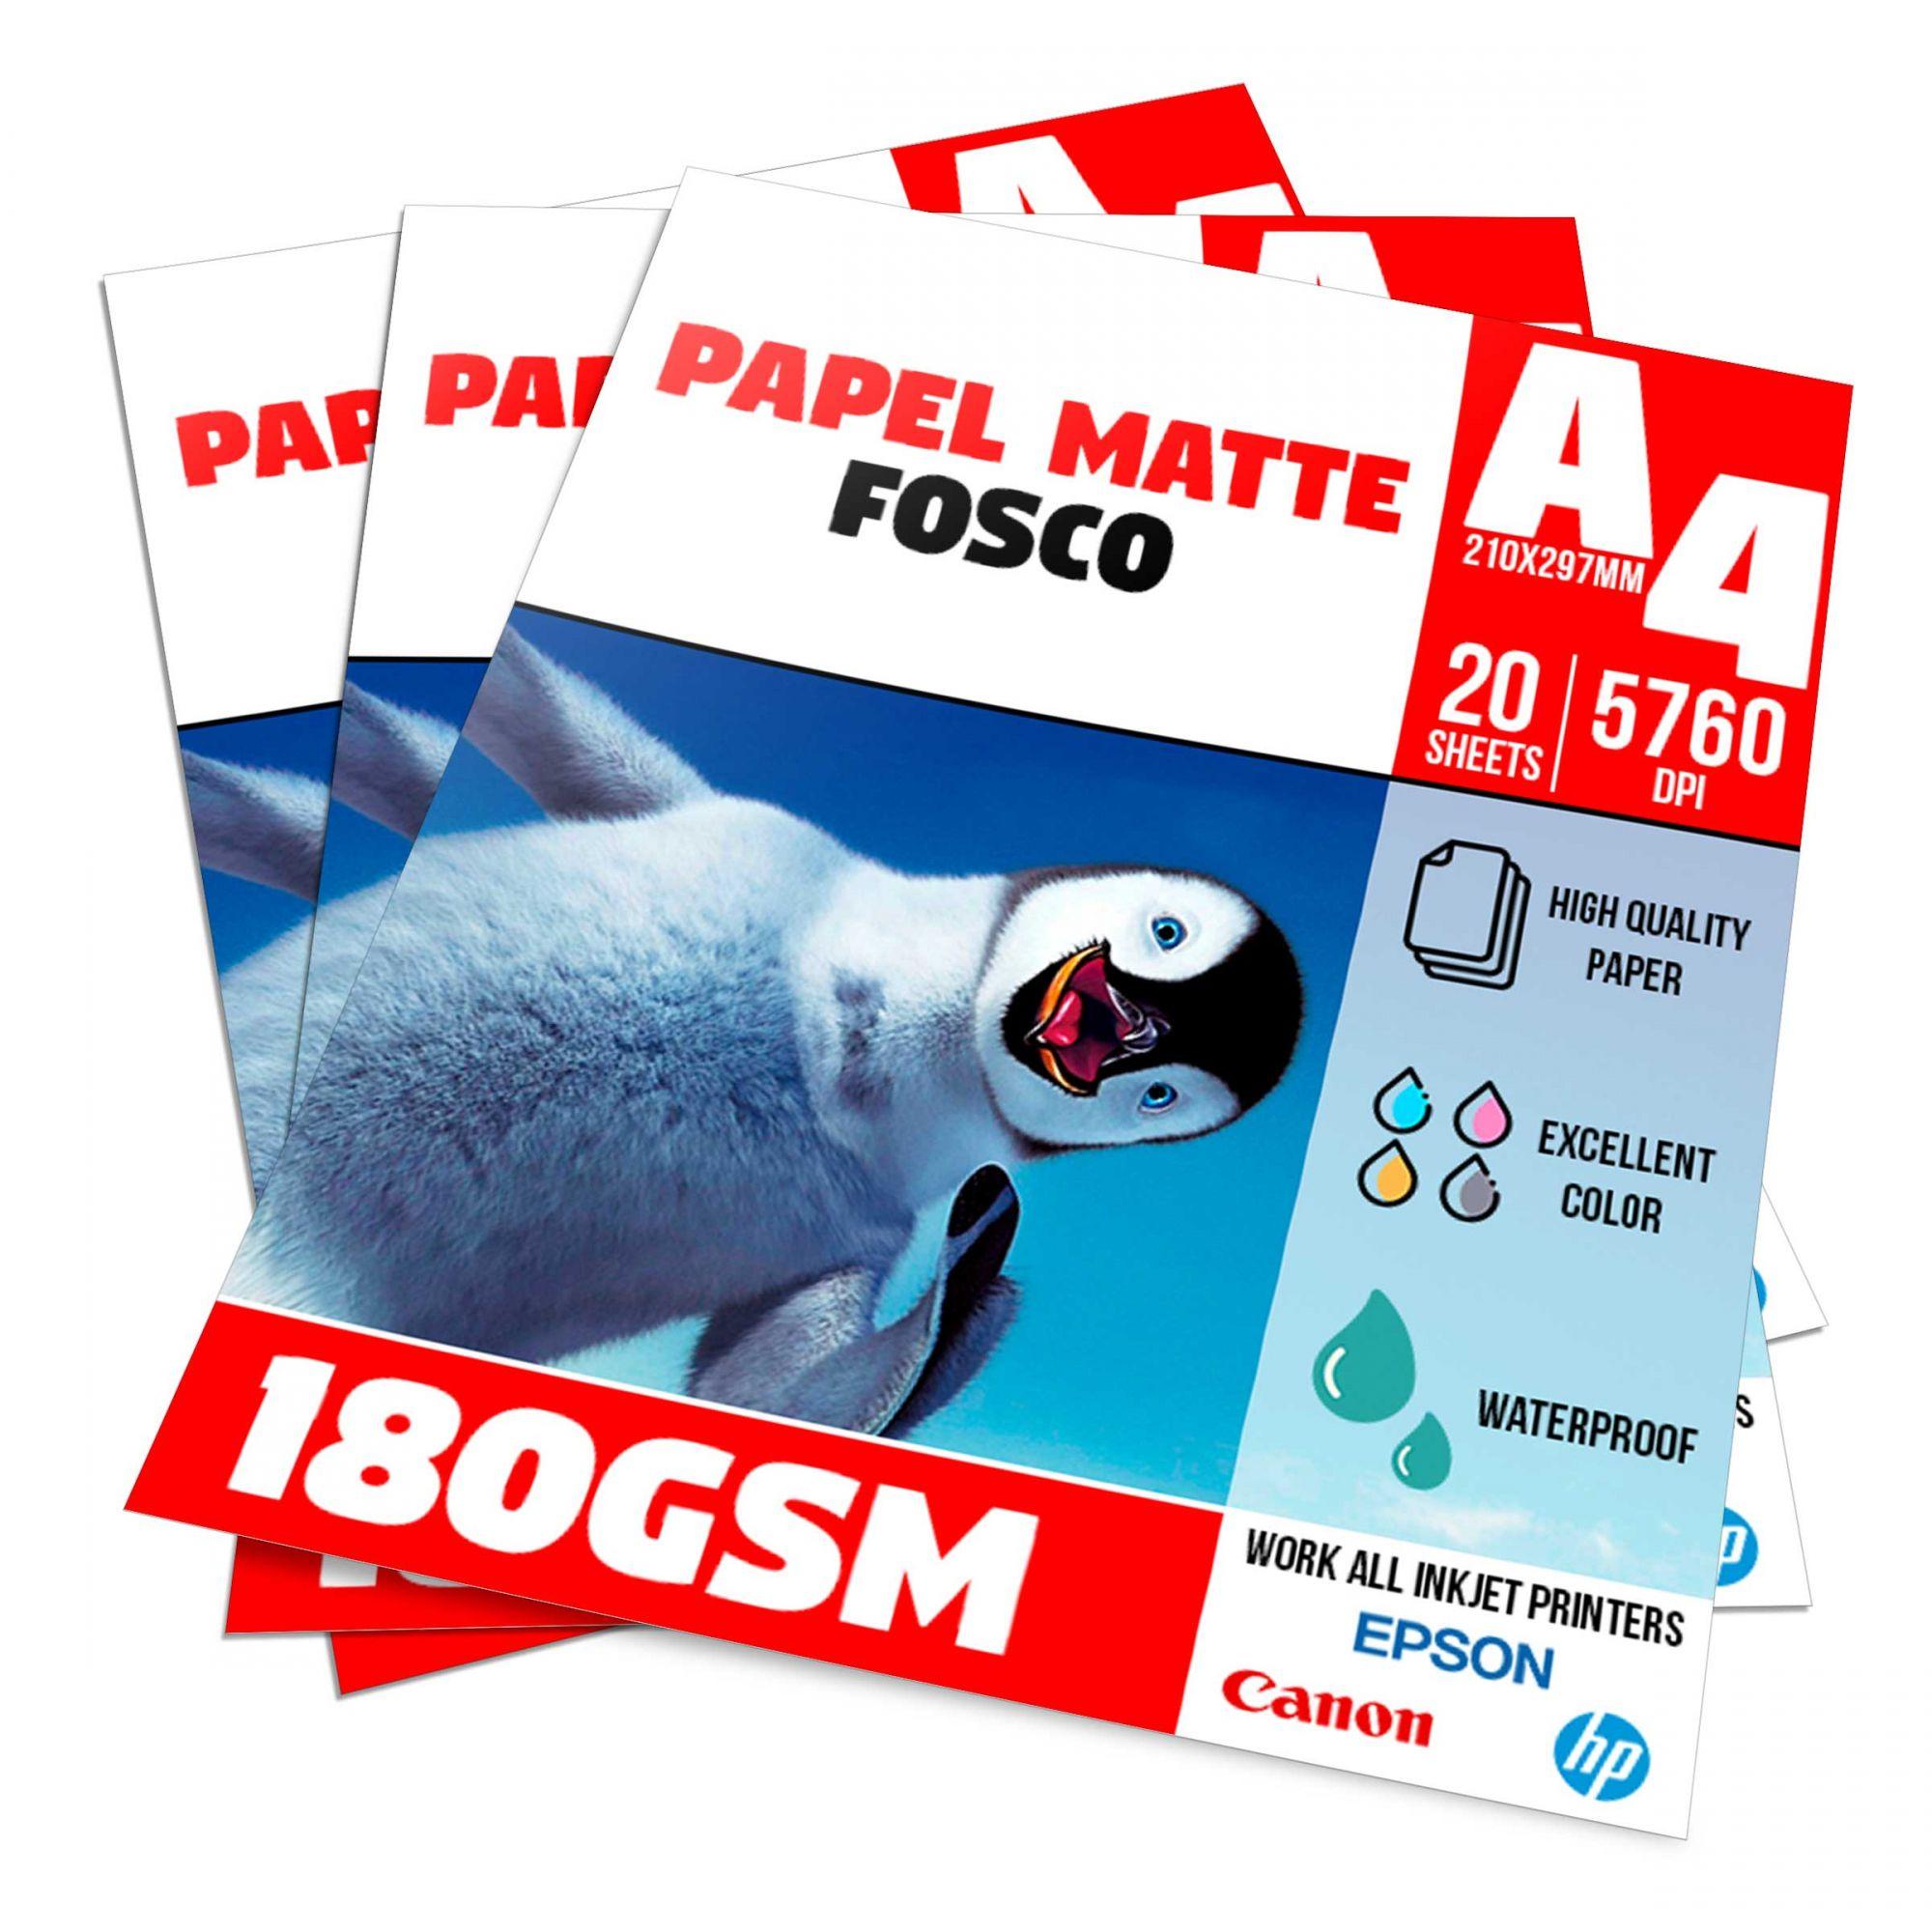 Papel Matte Fosco 180g - A4 Pacote com 20 folhas